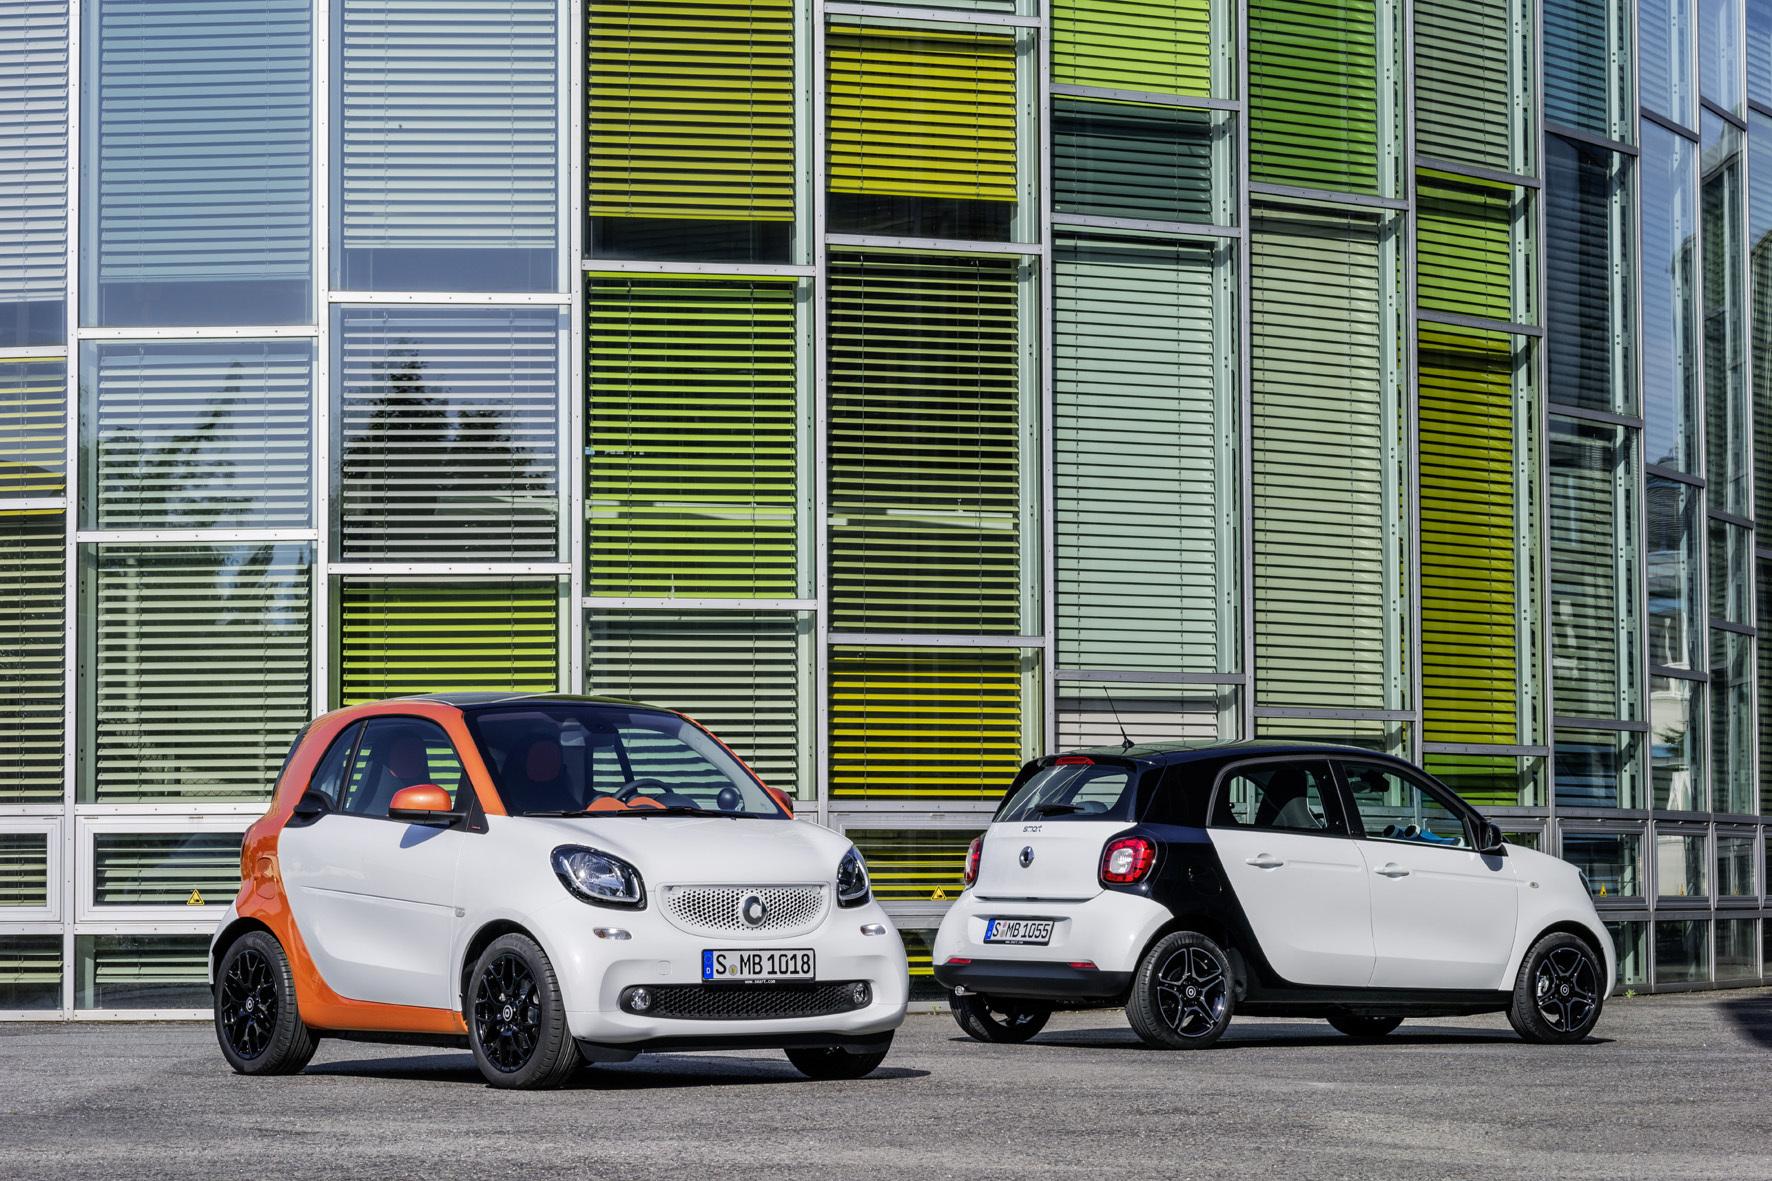 mid Düsseldorf - Im Smart fortwo und forfour arbeitet jetzt das neu entwickelte kompakte Doppelkupplungsgetriebe.